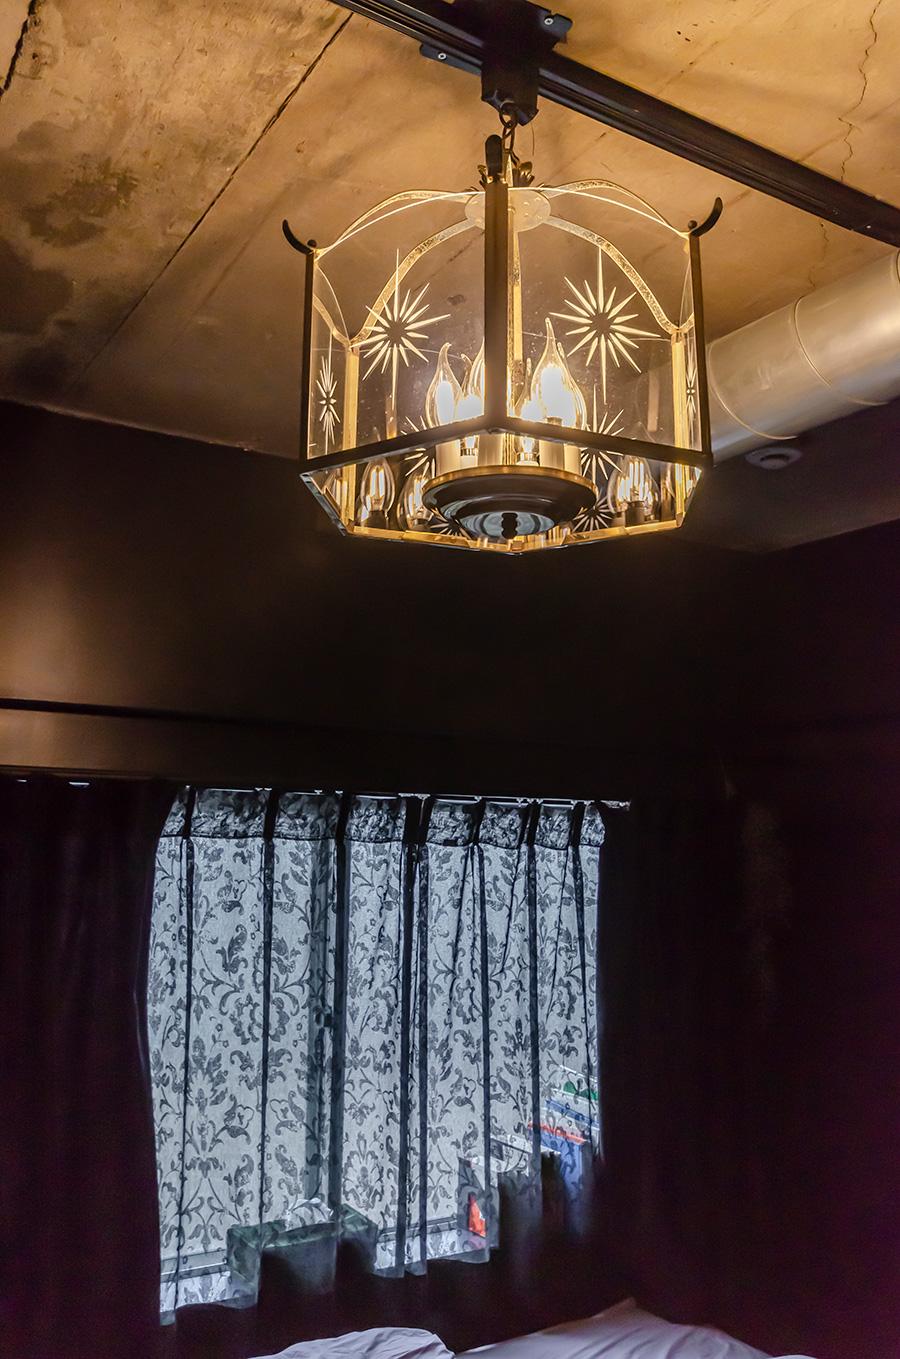 ステンドグラスのシェードが美しい寝室の照明。